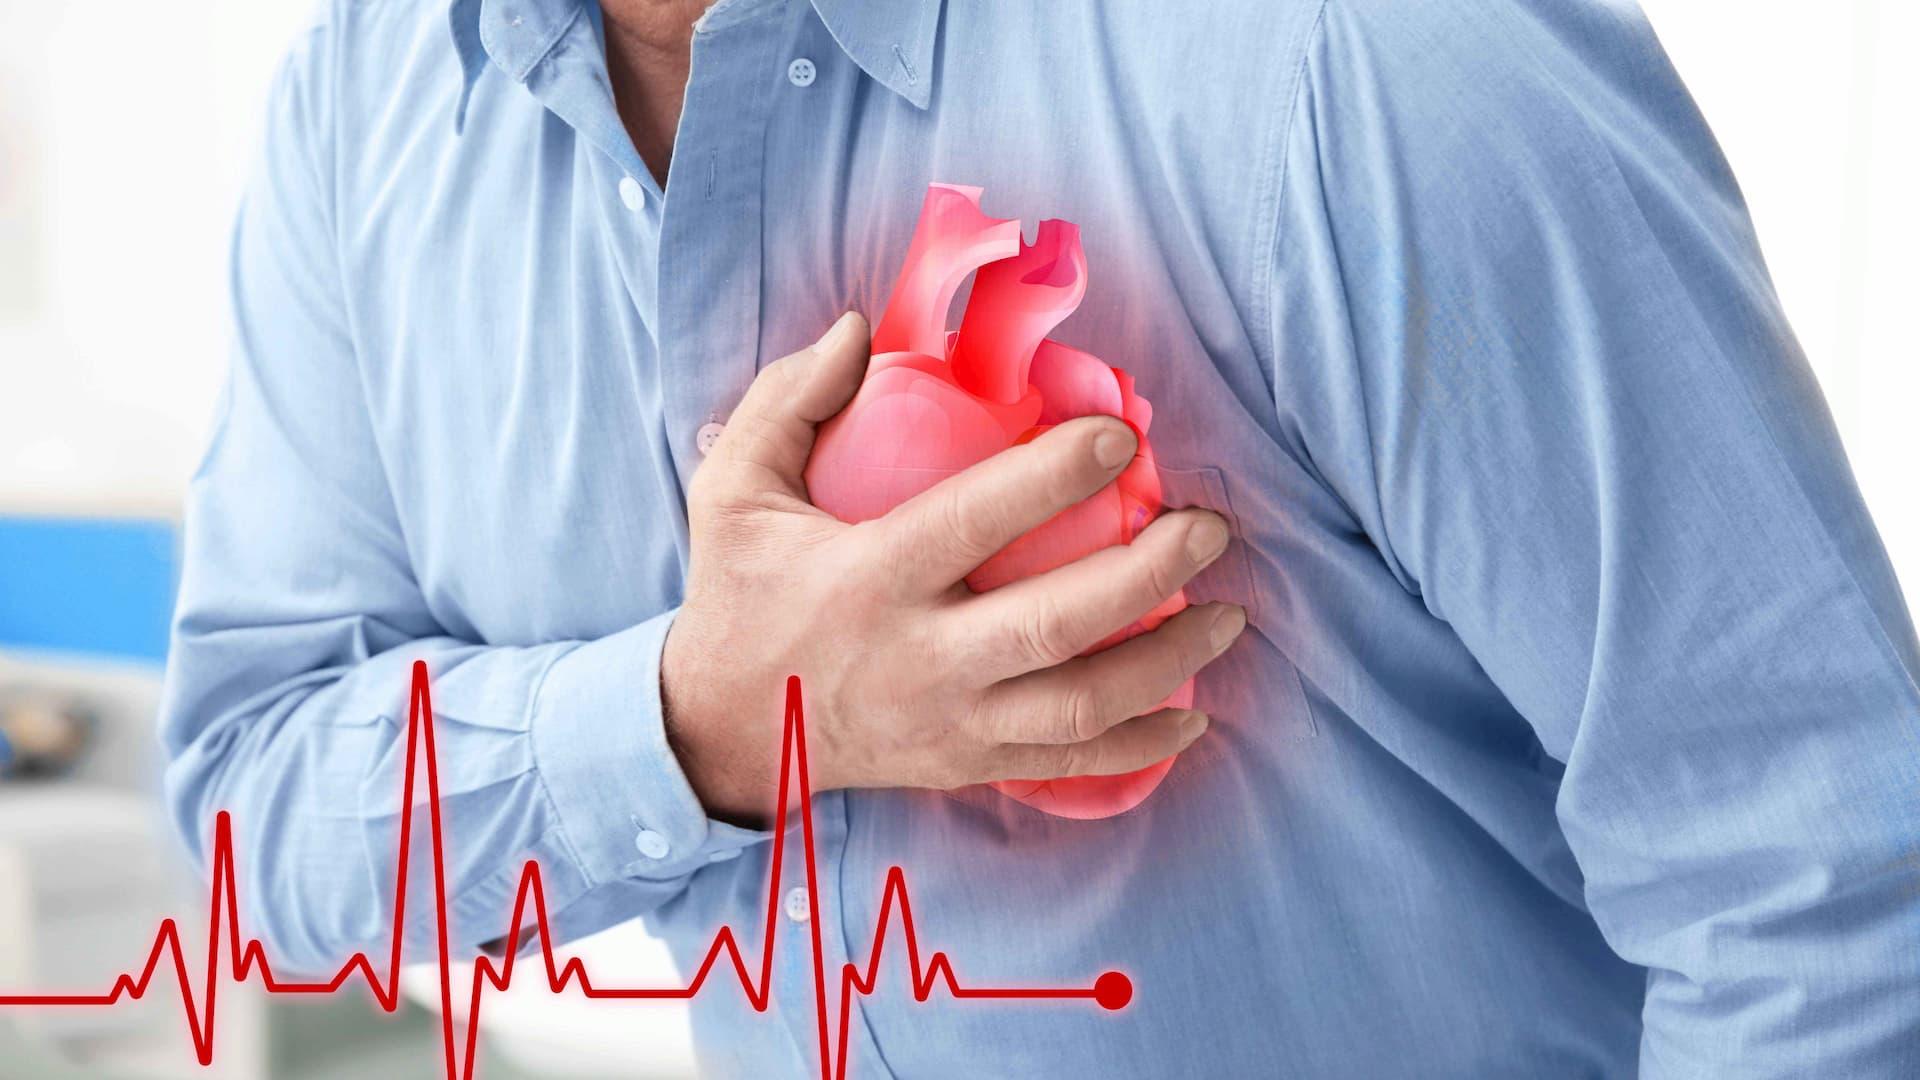 Инфаркт миокарда: что это такое, первые симптомы, причины и лечение